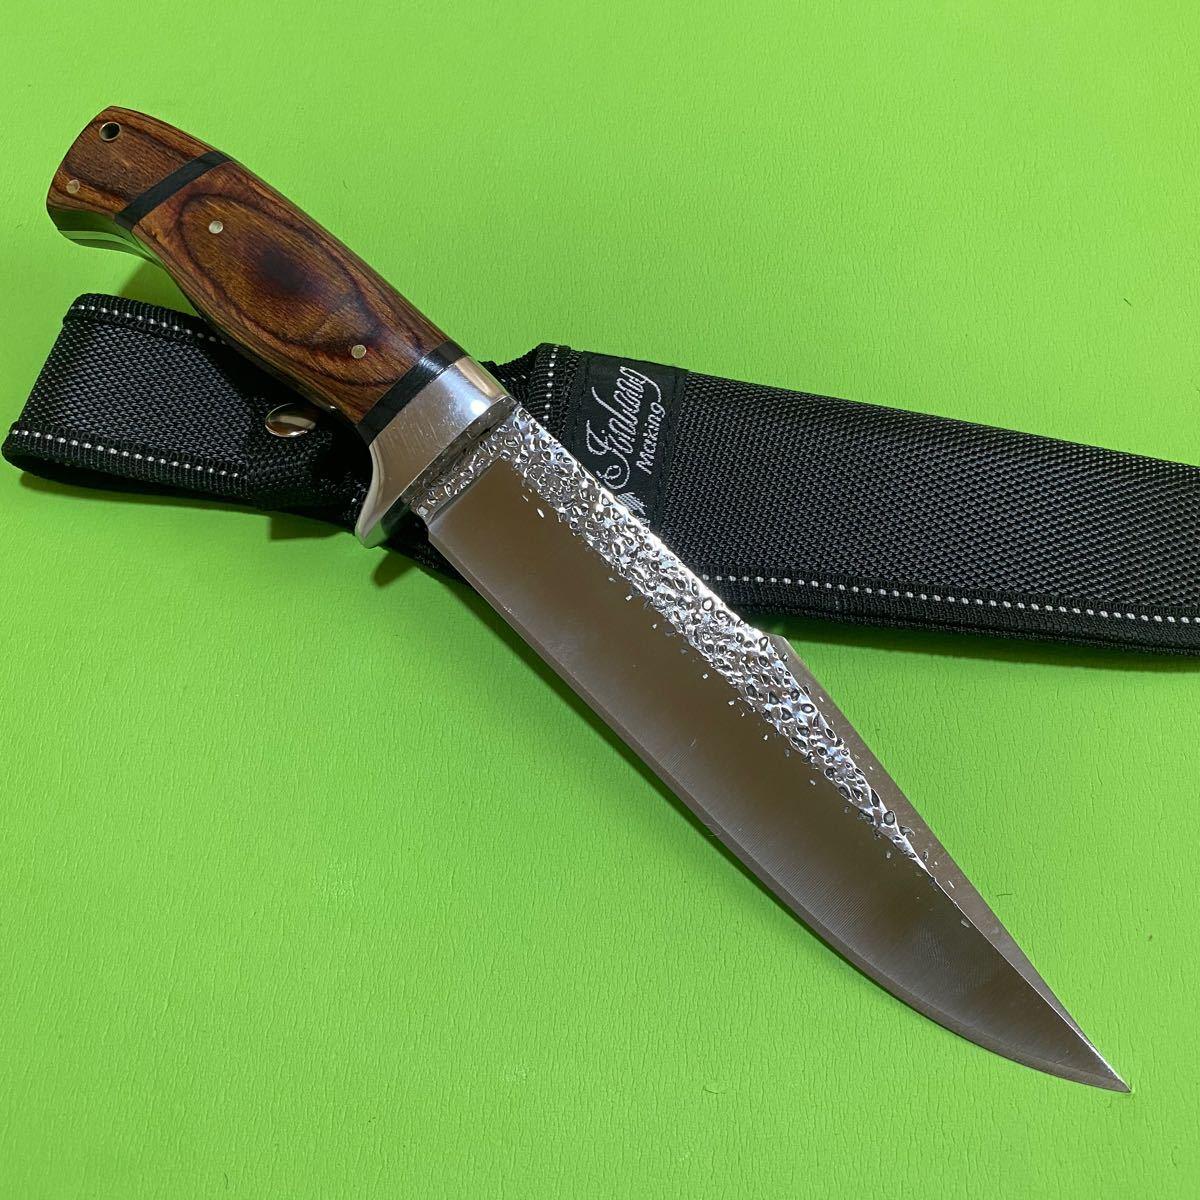 キャンプ サバイバル ナイフ バーベキュー 料理 包丁 フィッシング 工具 刃物